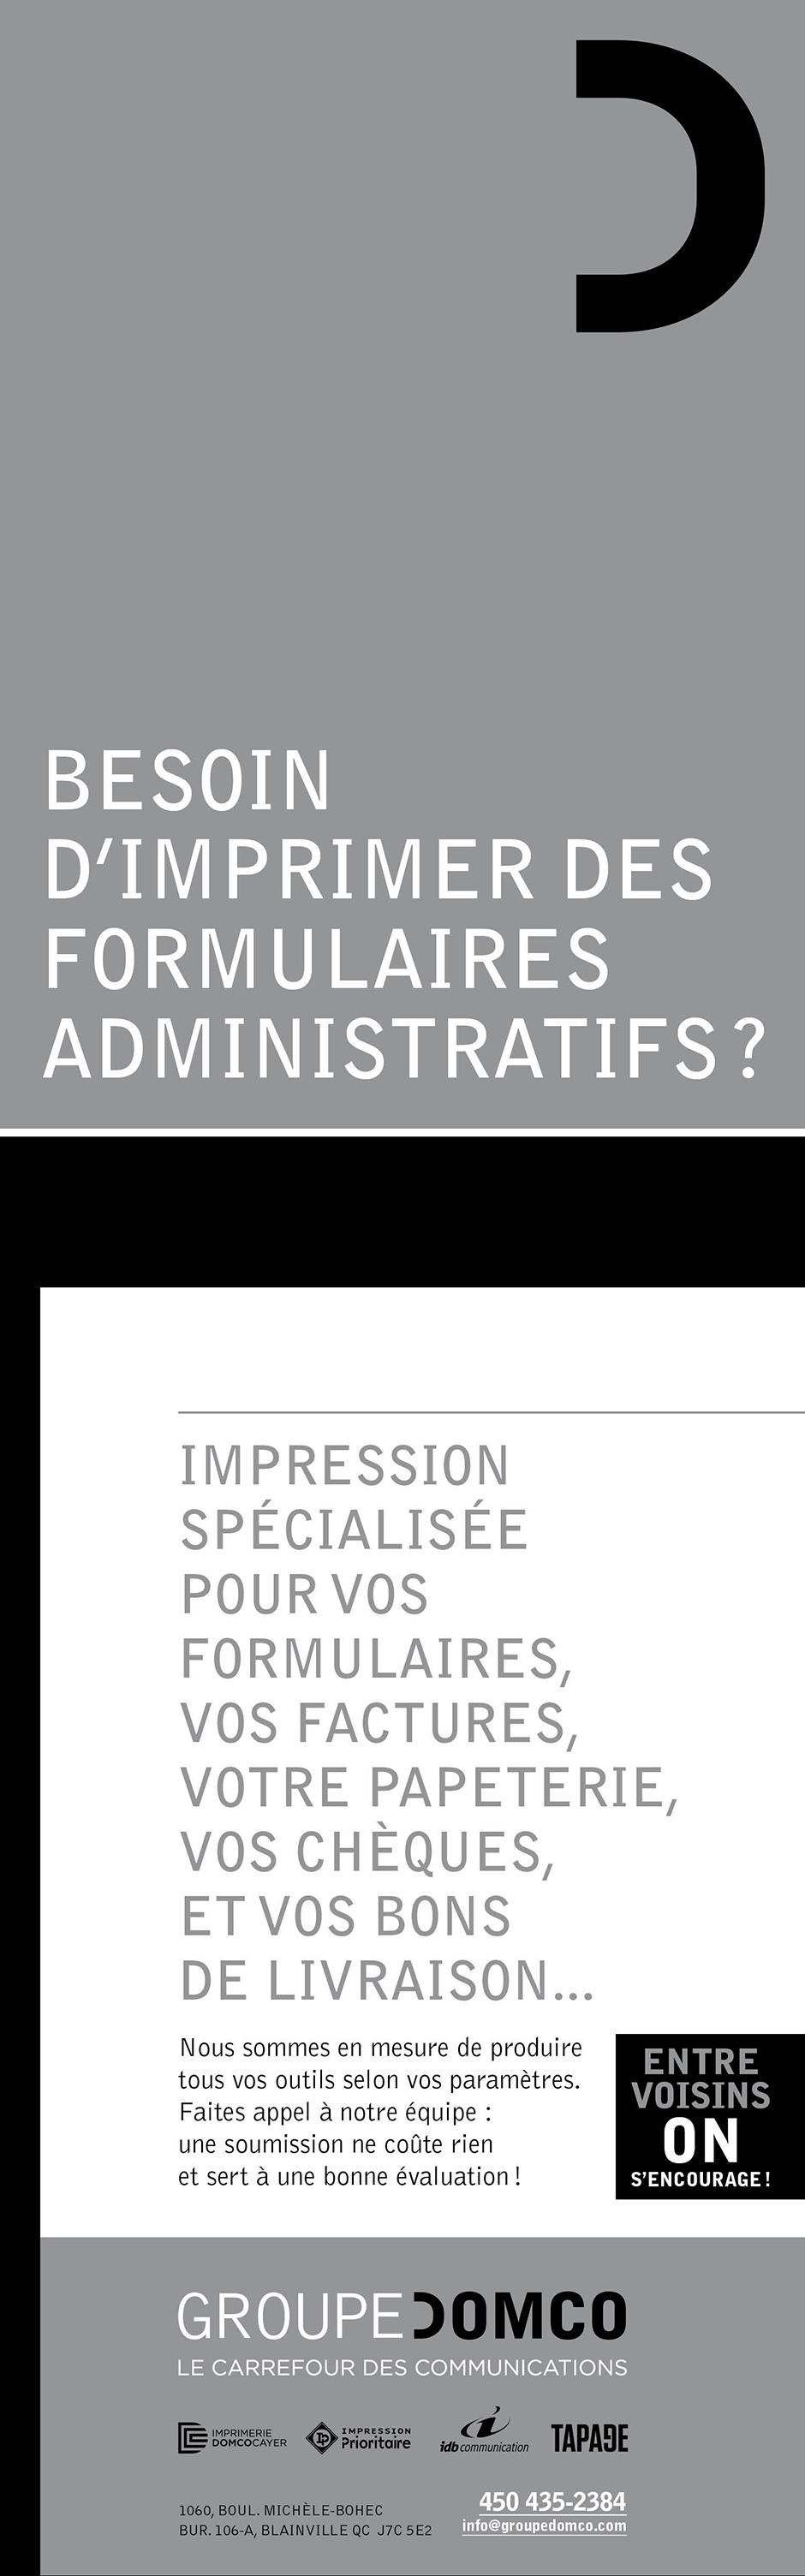 Besoin d'imprimer des formulaires administratifs?